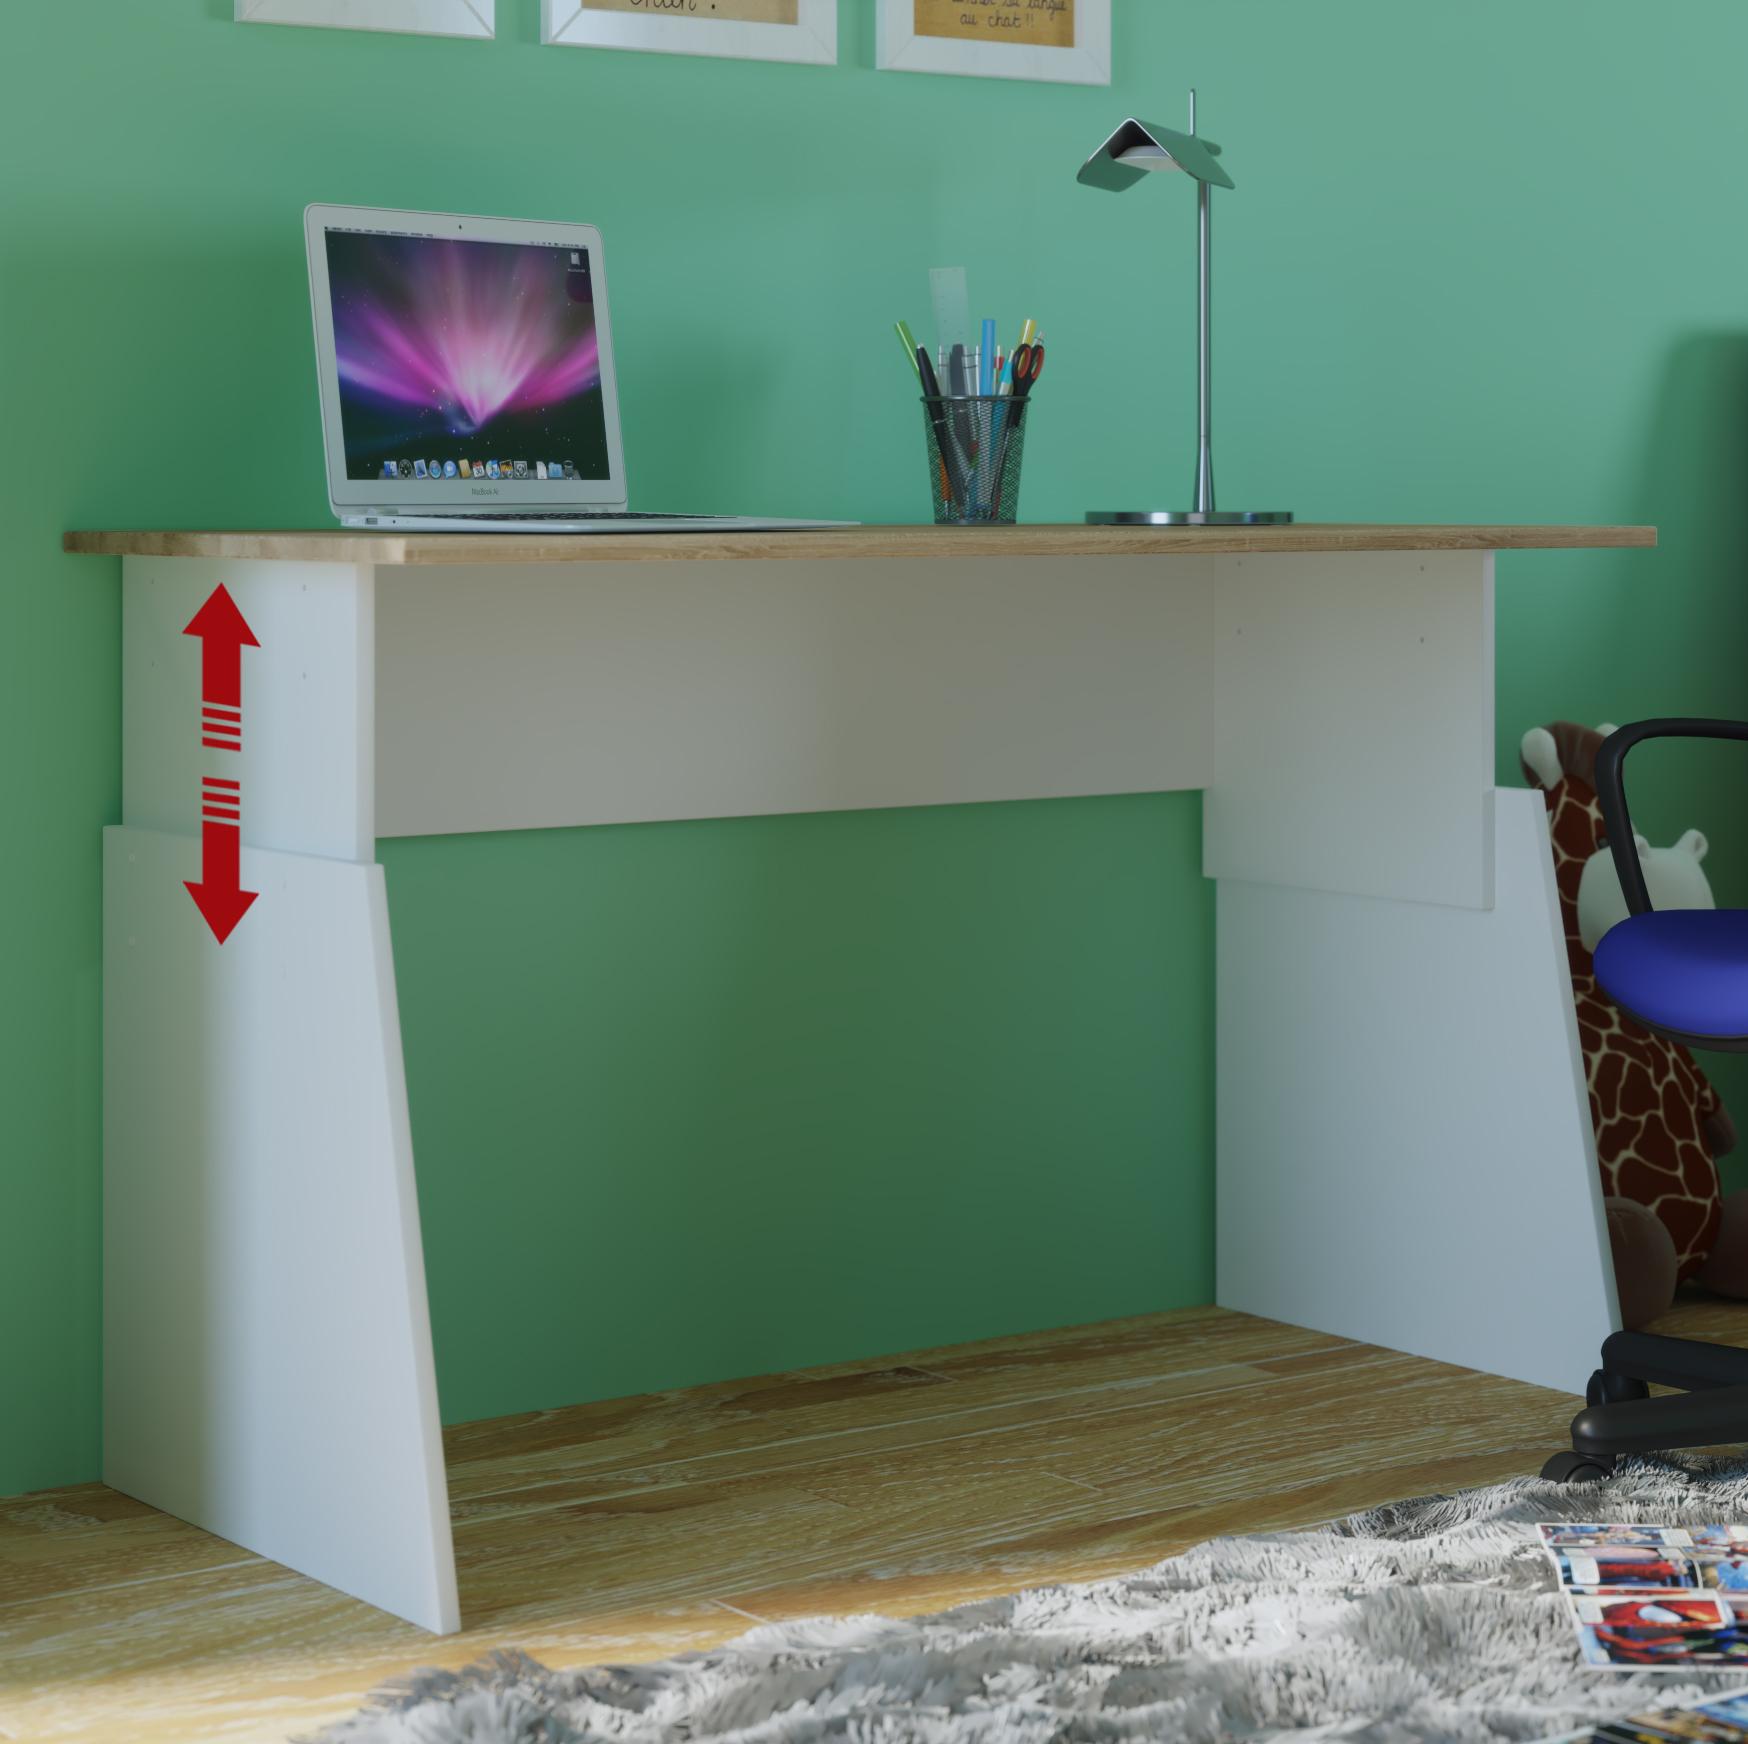 schreibtisch sonoma 110cm breit h henverstellbar 55 75cm. Black Bedroom Furniture Sets. Home Design Ideas